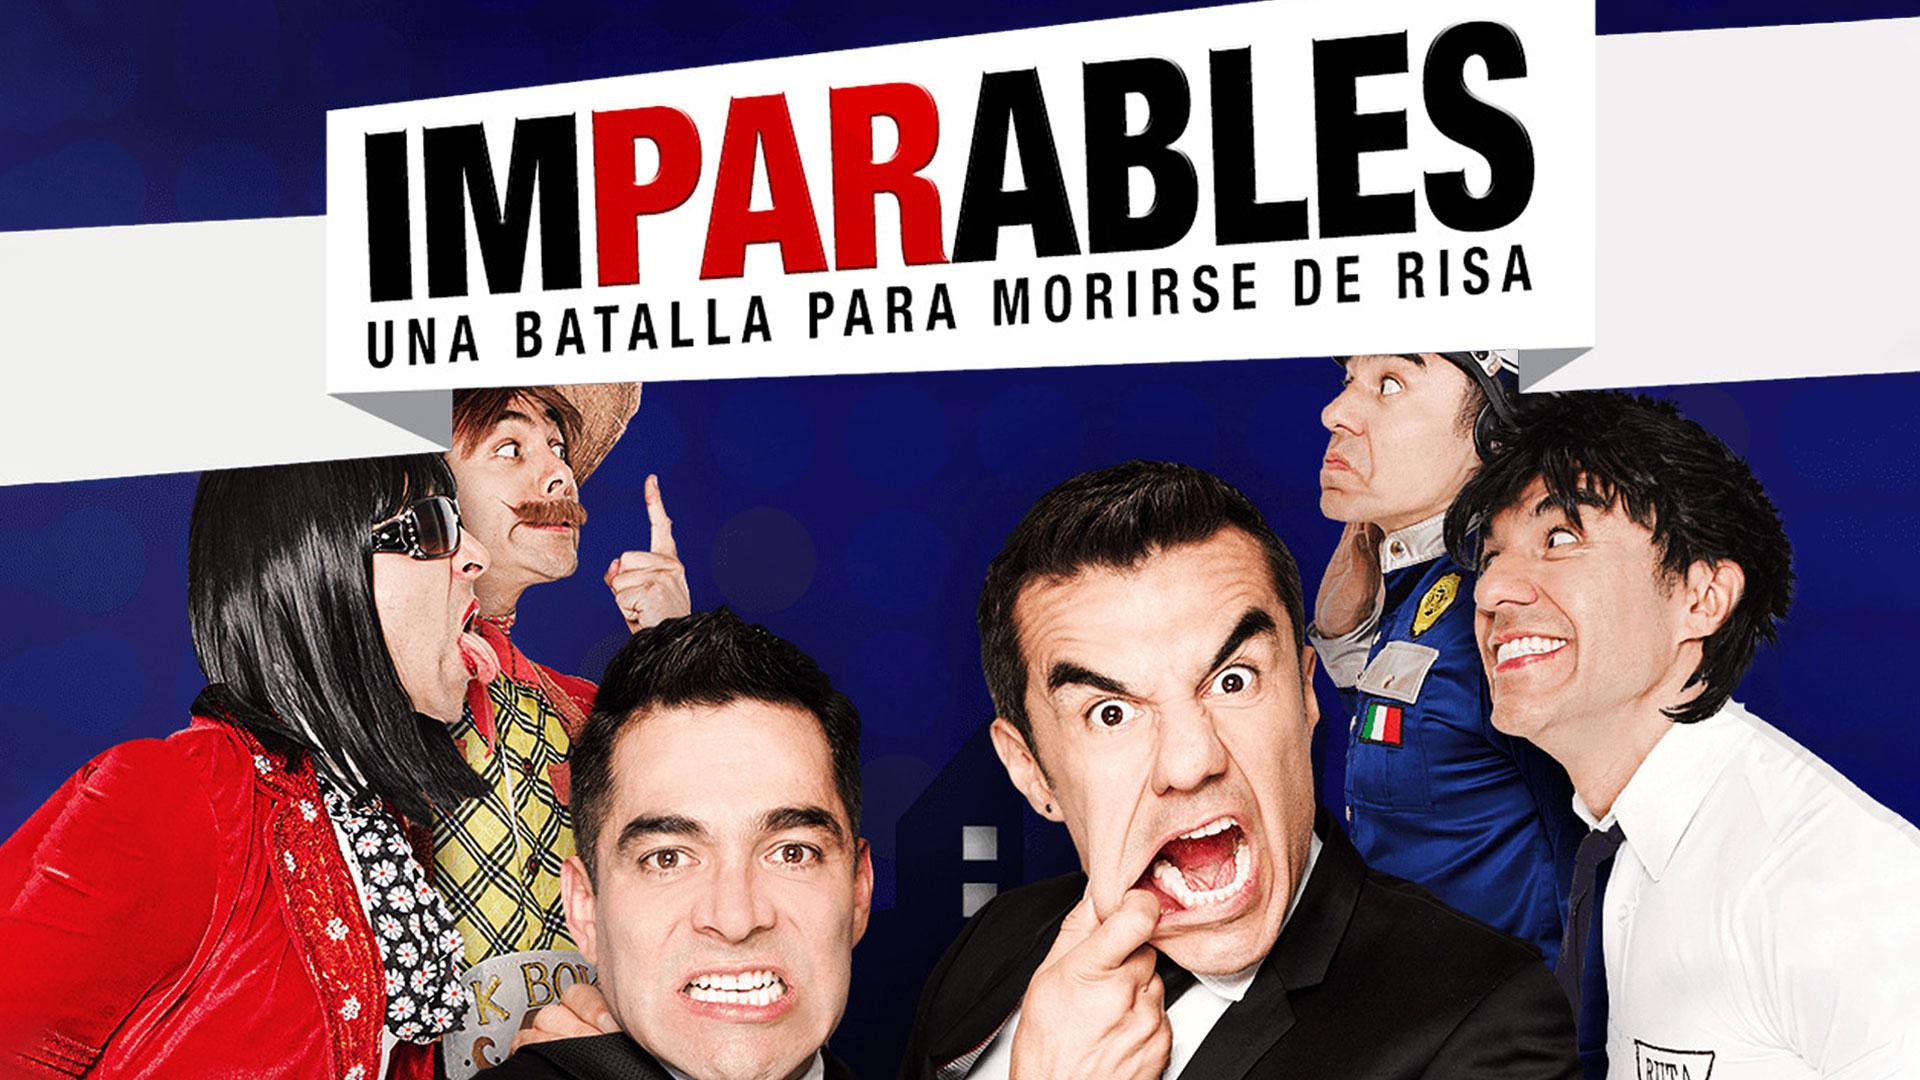 Imparables: Una Batalla Para Morirse de Risa